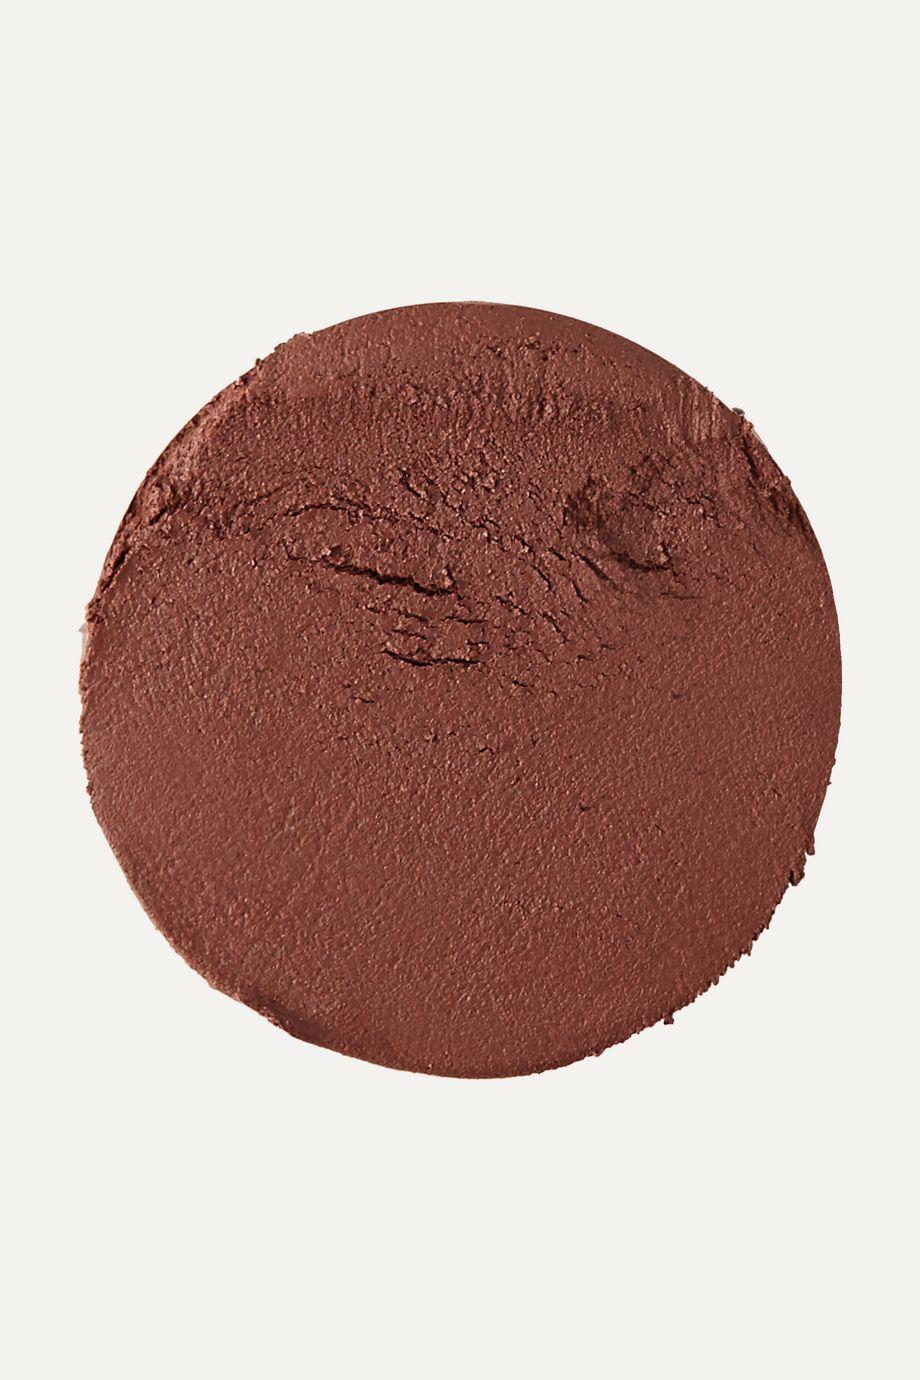 Illamasqua Antimatter Lipstick - Gravity